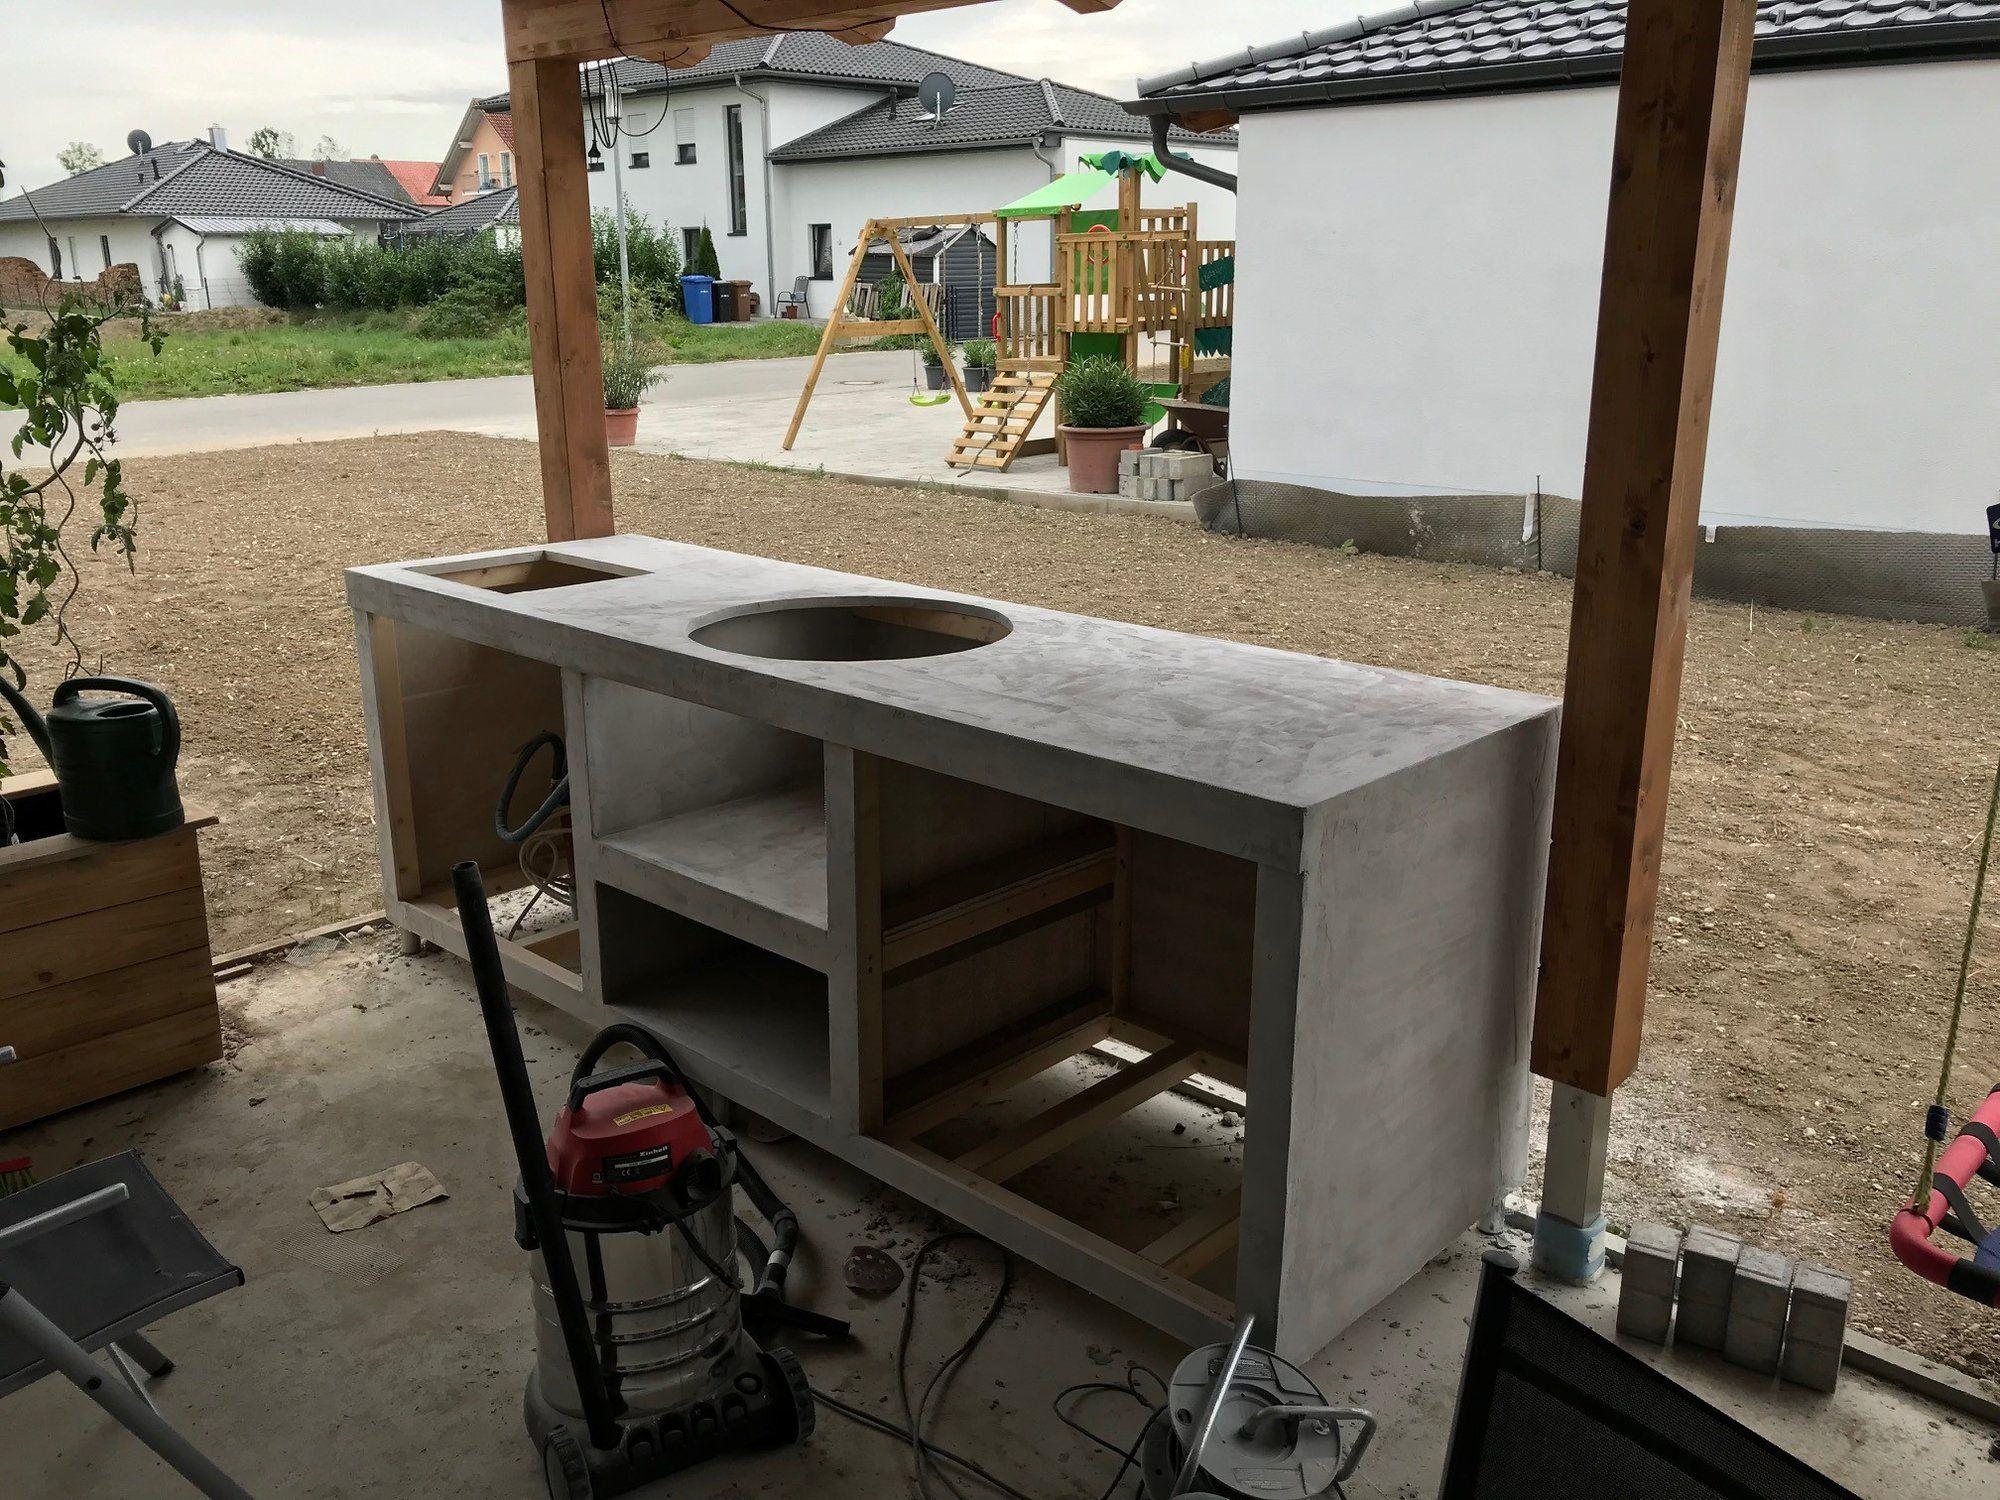 Meine Aussenkuche In Holzstanderbauweise Grillforum Und Bbq Www Grillsportverein De In 2020 Outdoor Grill Kuche Aussenkuche Holzstanderbauweise